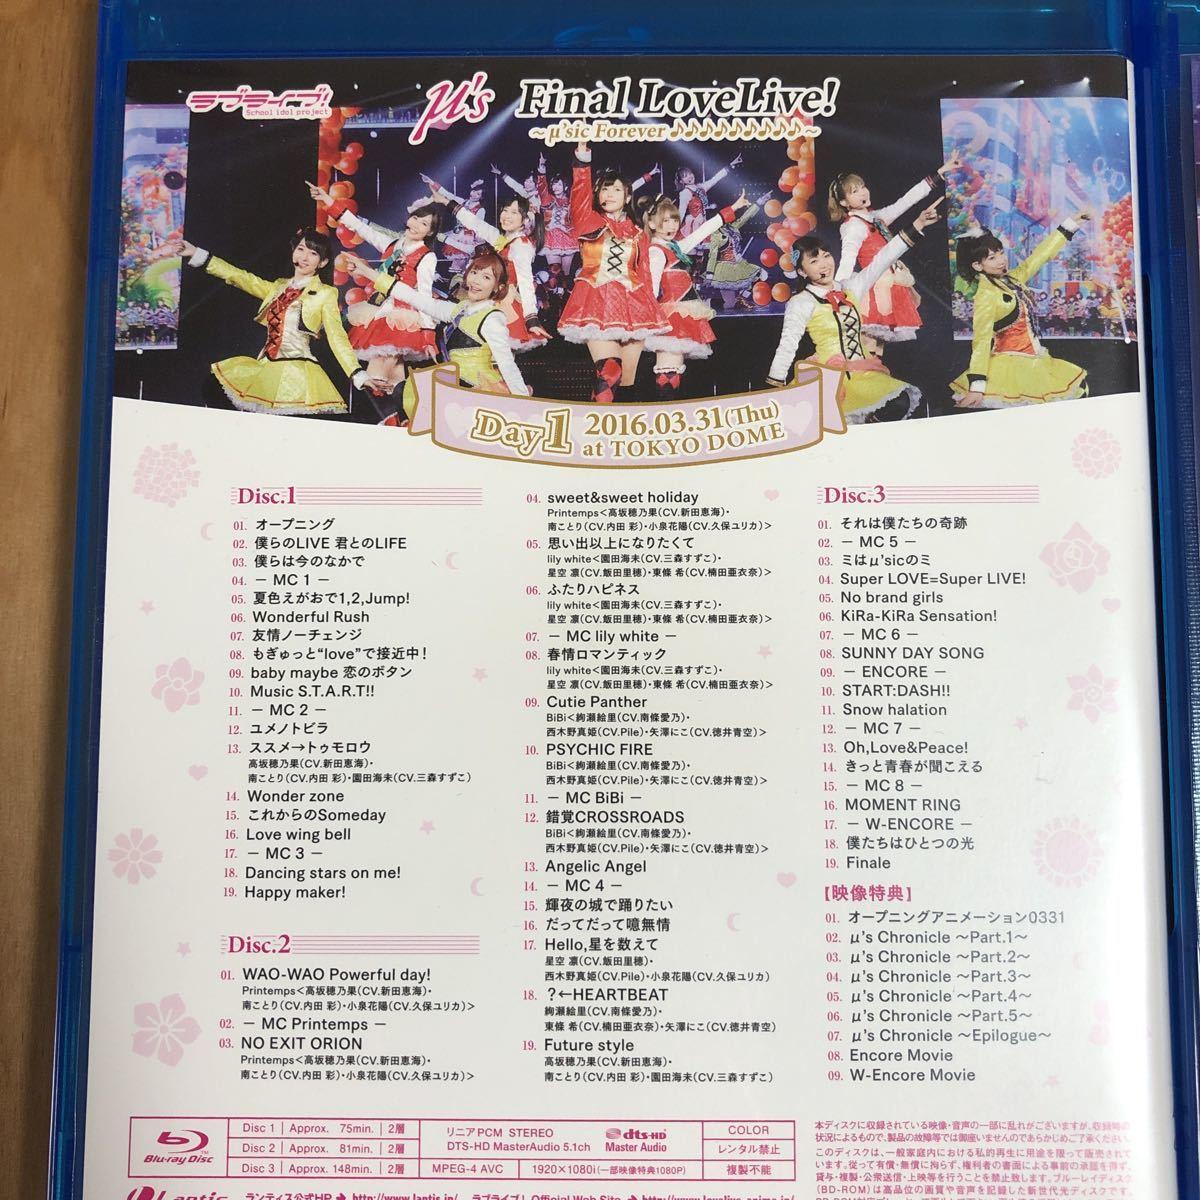 ラブライブ! μ's ファイナル ラブライブ Blu-ray メモリアルボックス 中古 美品 ラブライブ!フェスに向けての復習に★_画像4